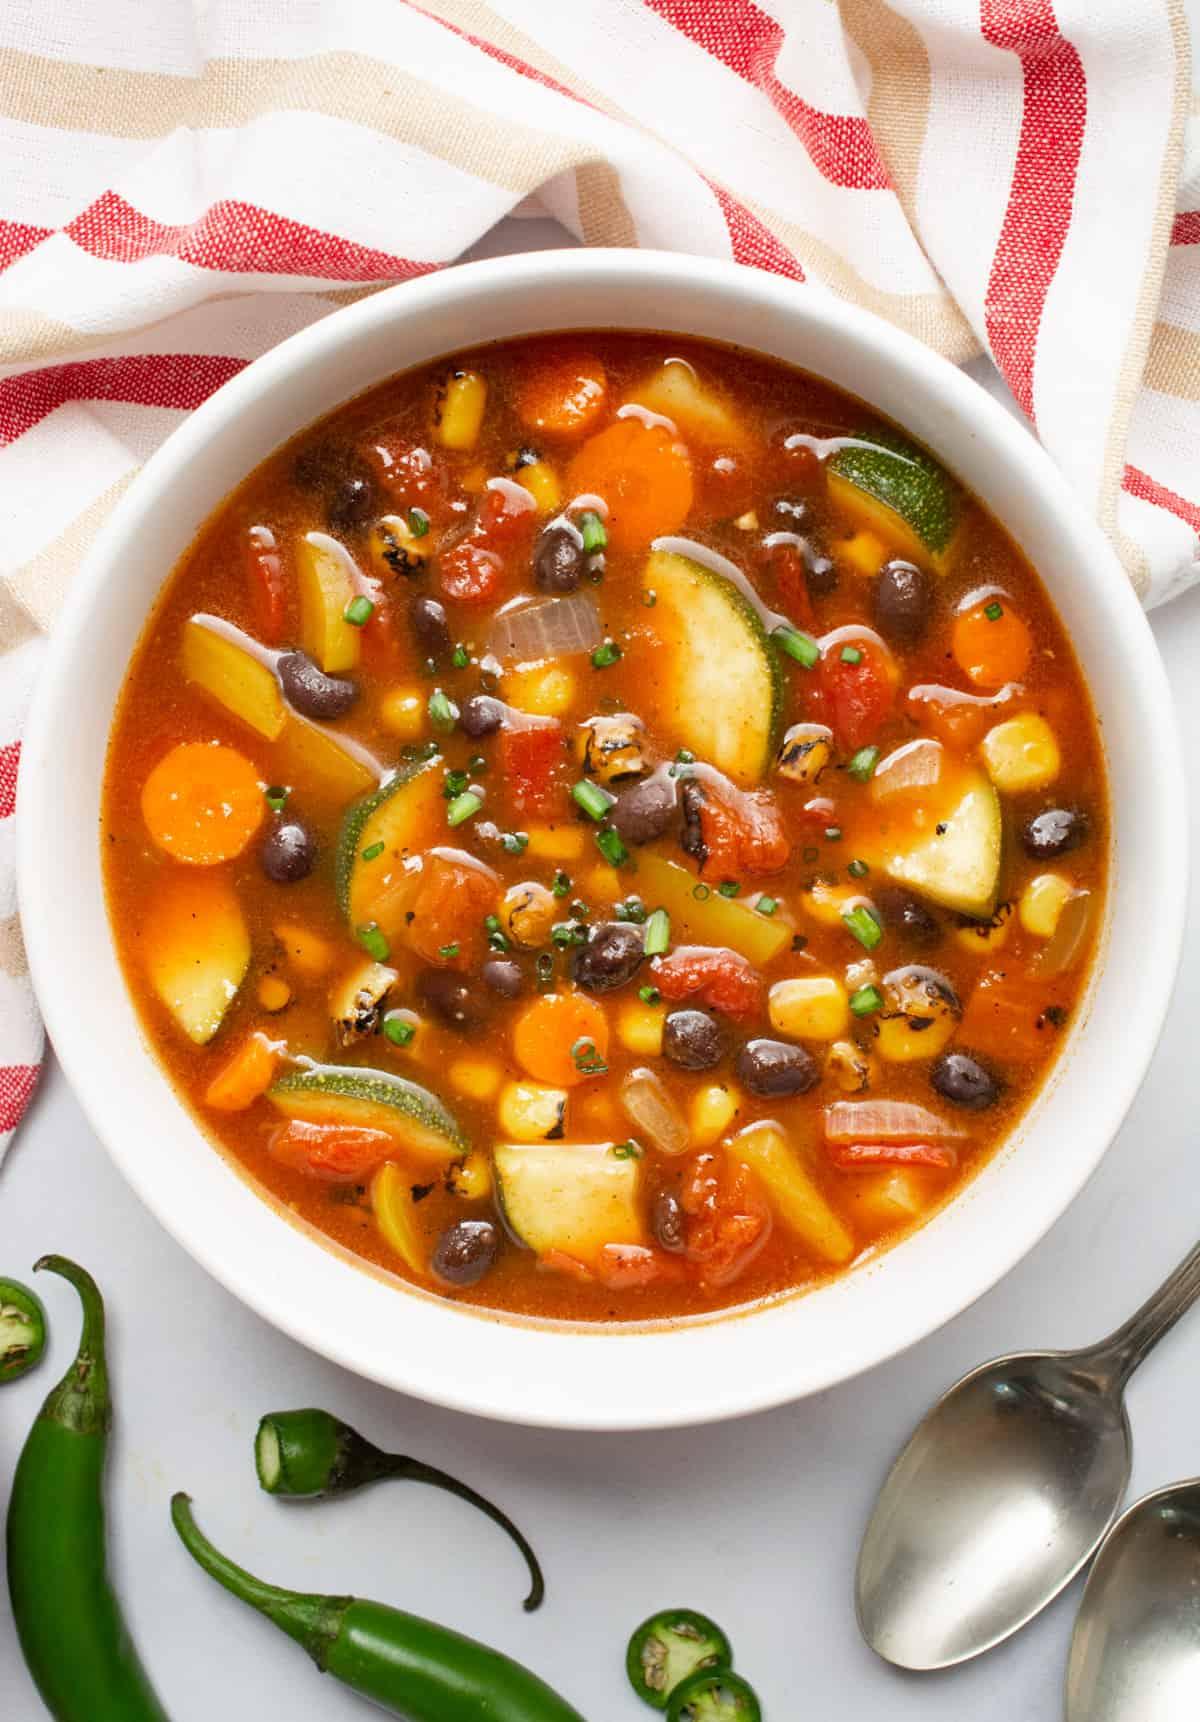 Vegan southwest soup in a white bowl.